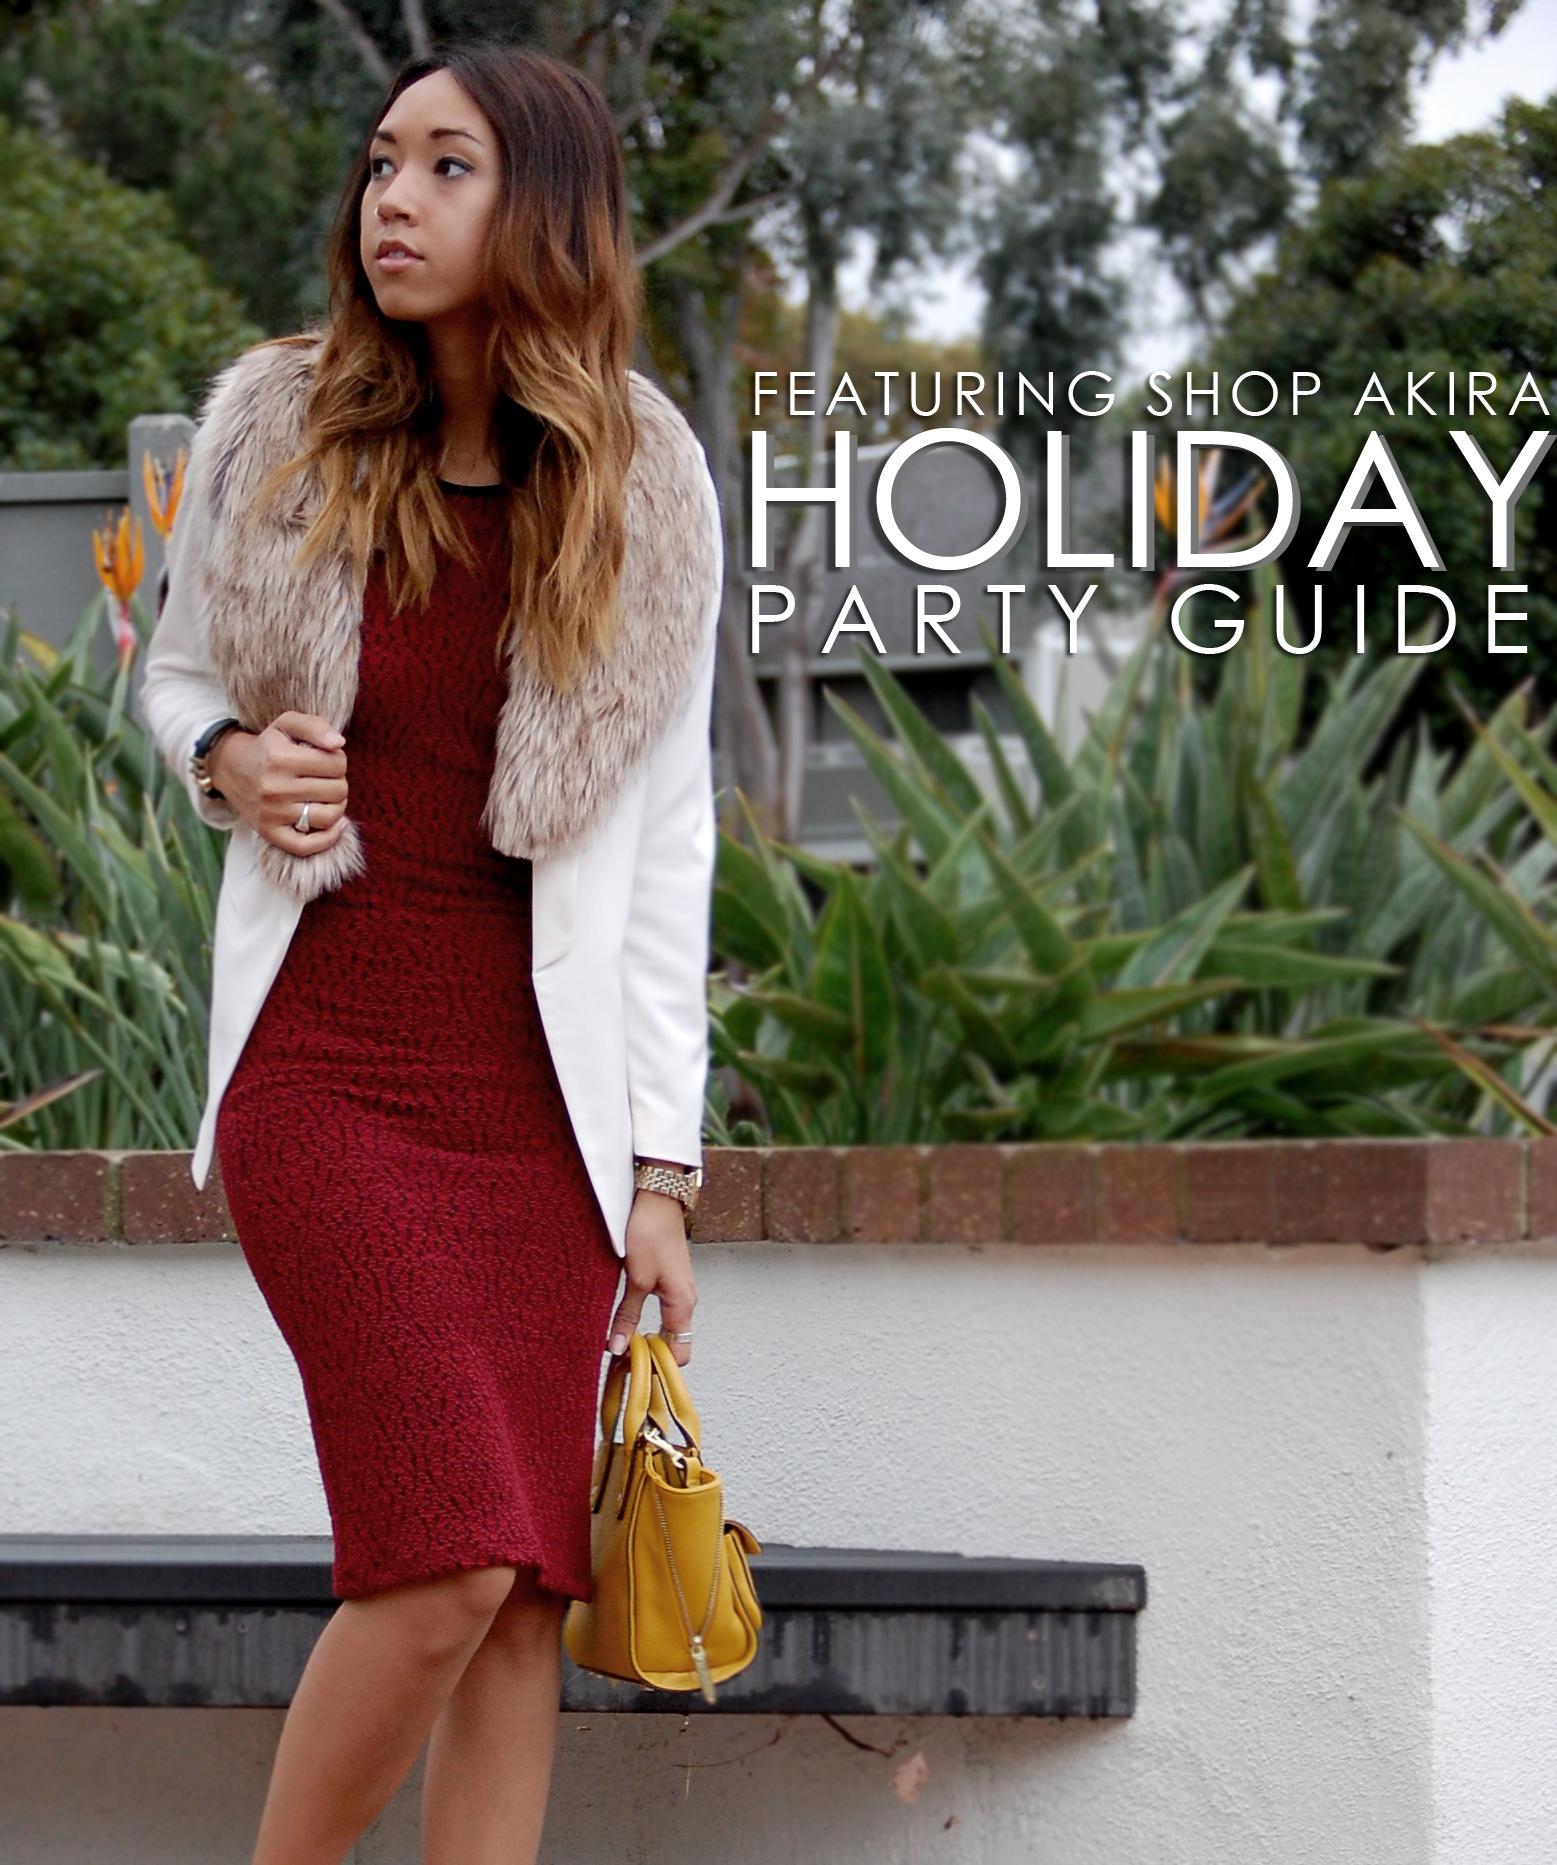 HolidayGuide1